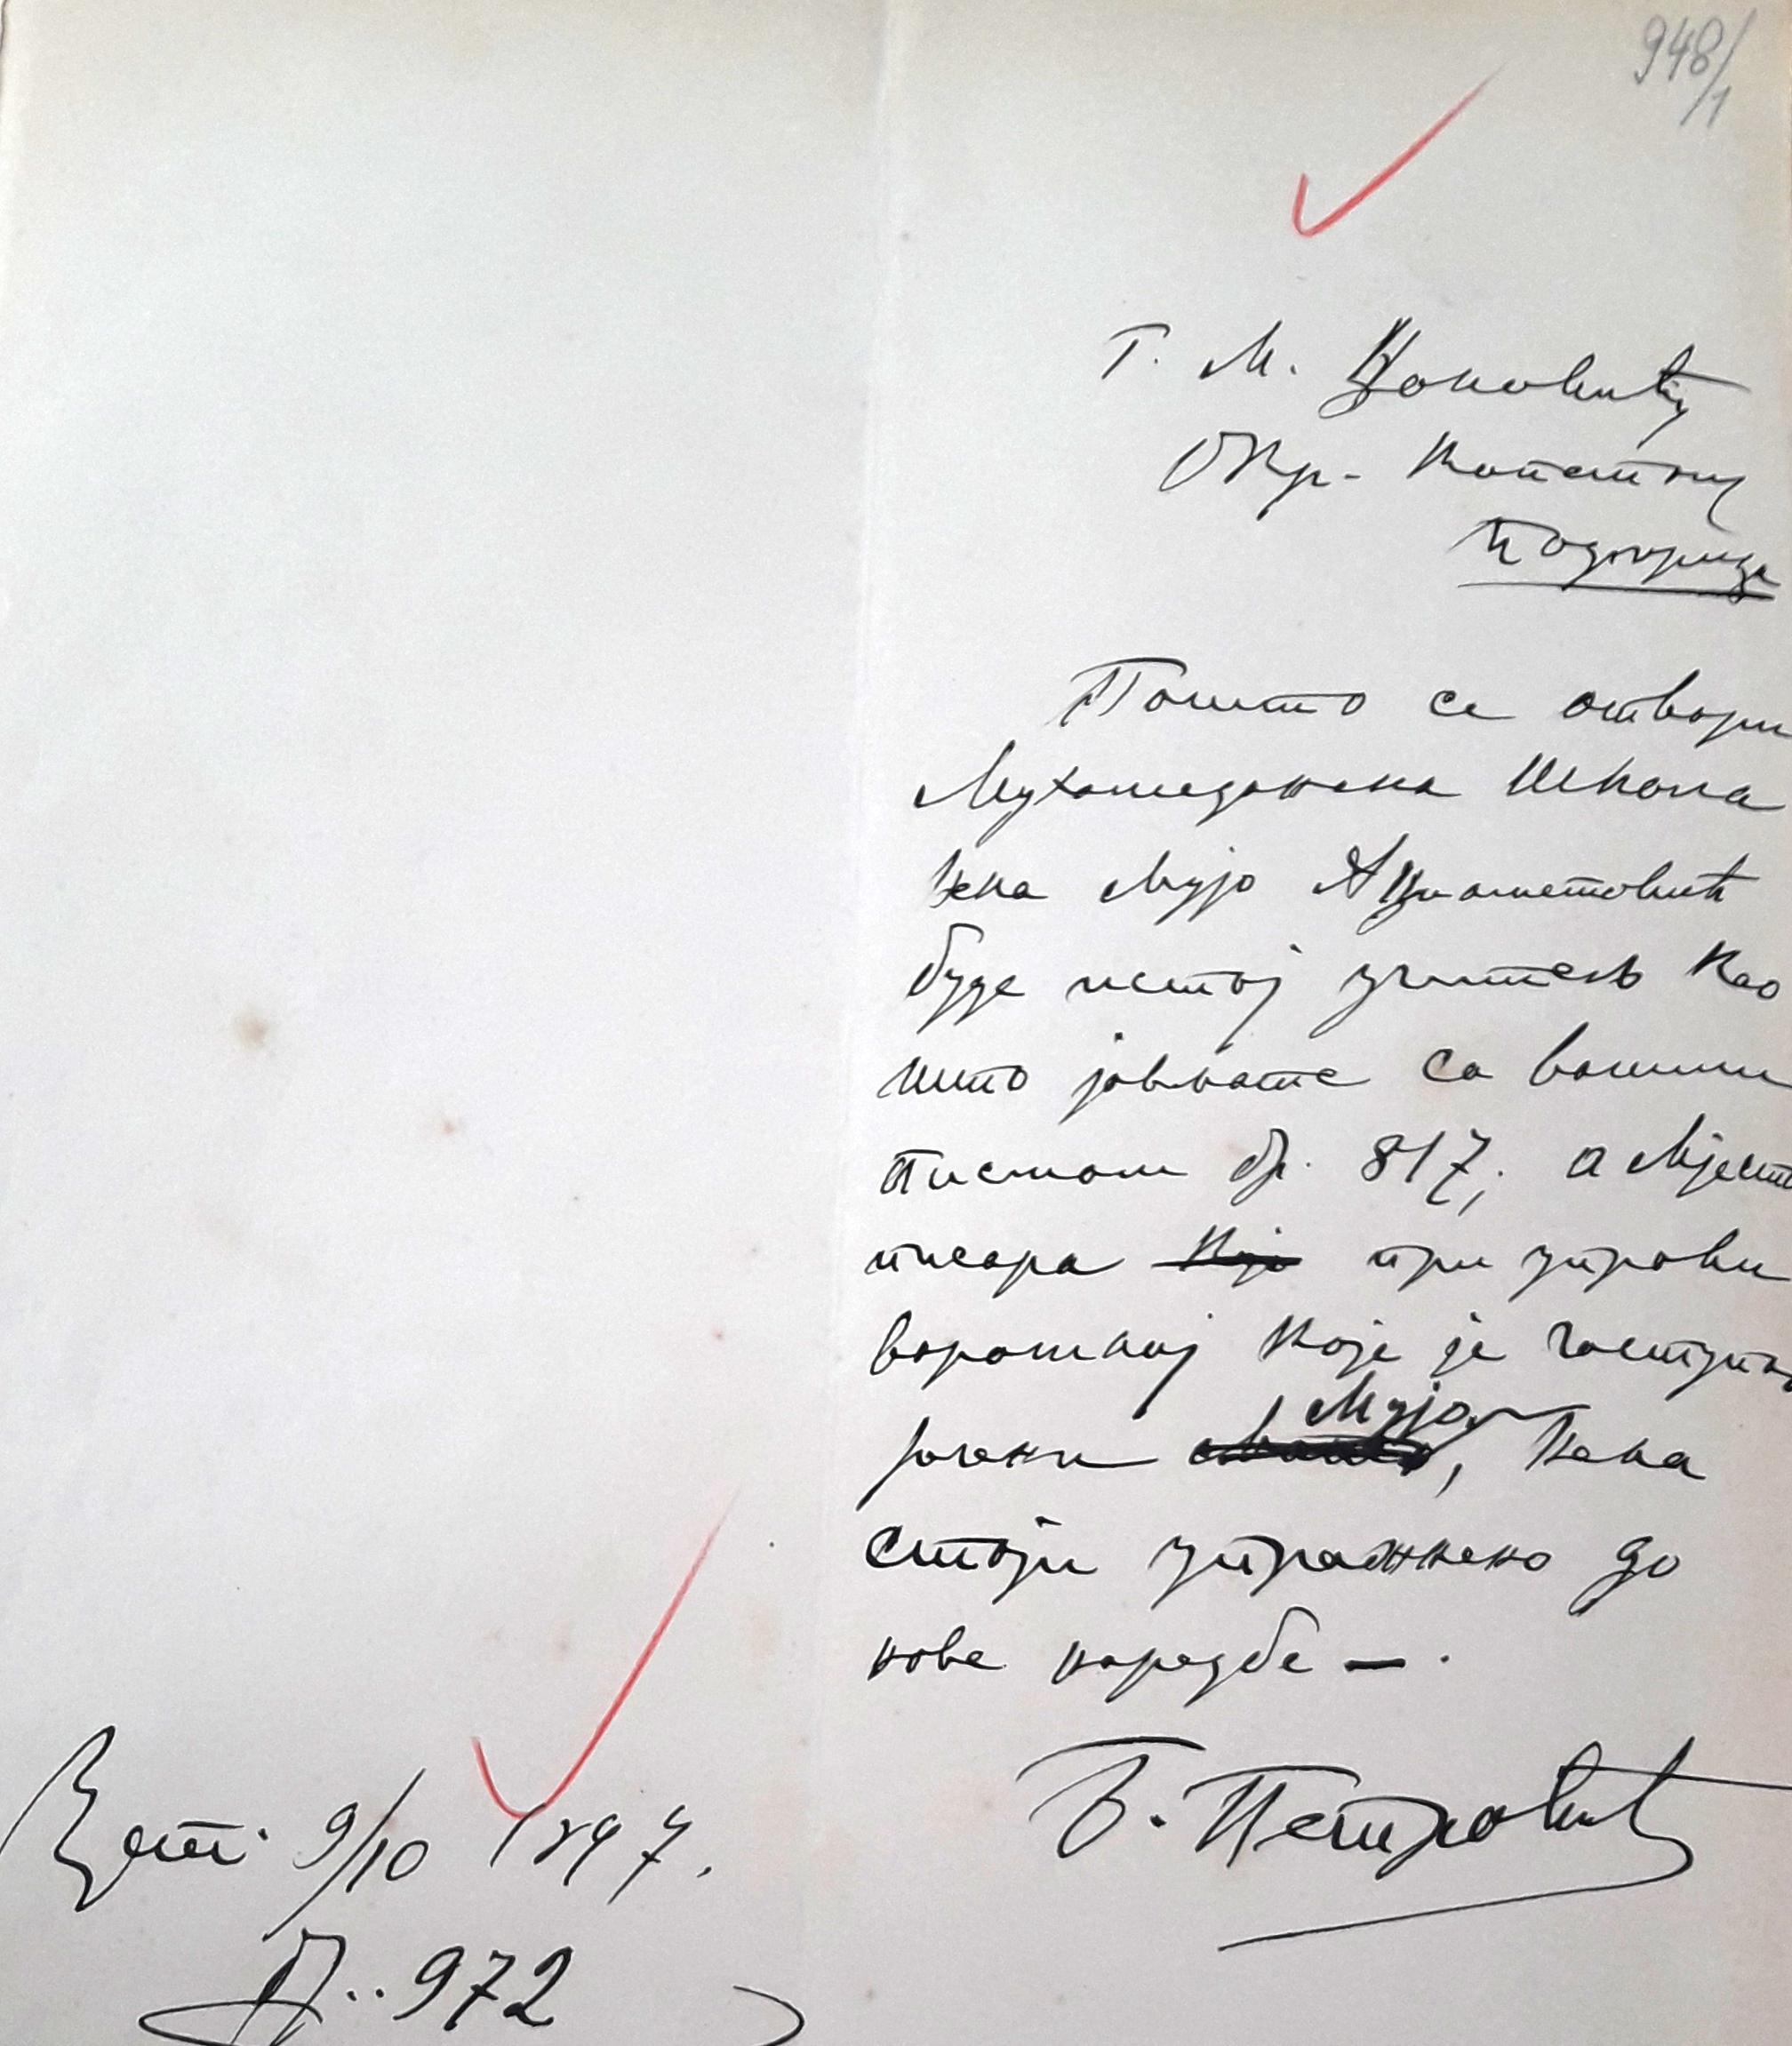 3. Naredba ministra unutrašnjih djela da po otvaranju Muhamedanske škole u Podgorici učitelj bude Mujo Adžiametović, 09.10.1897.